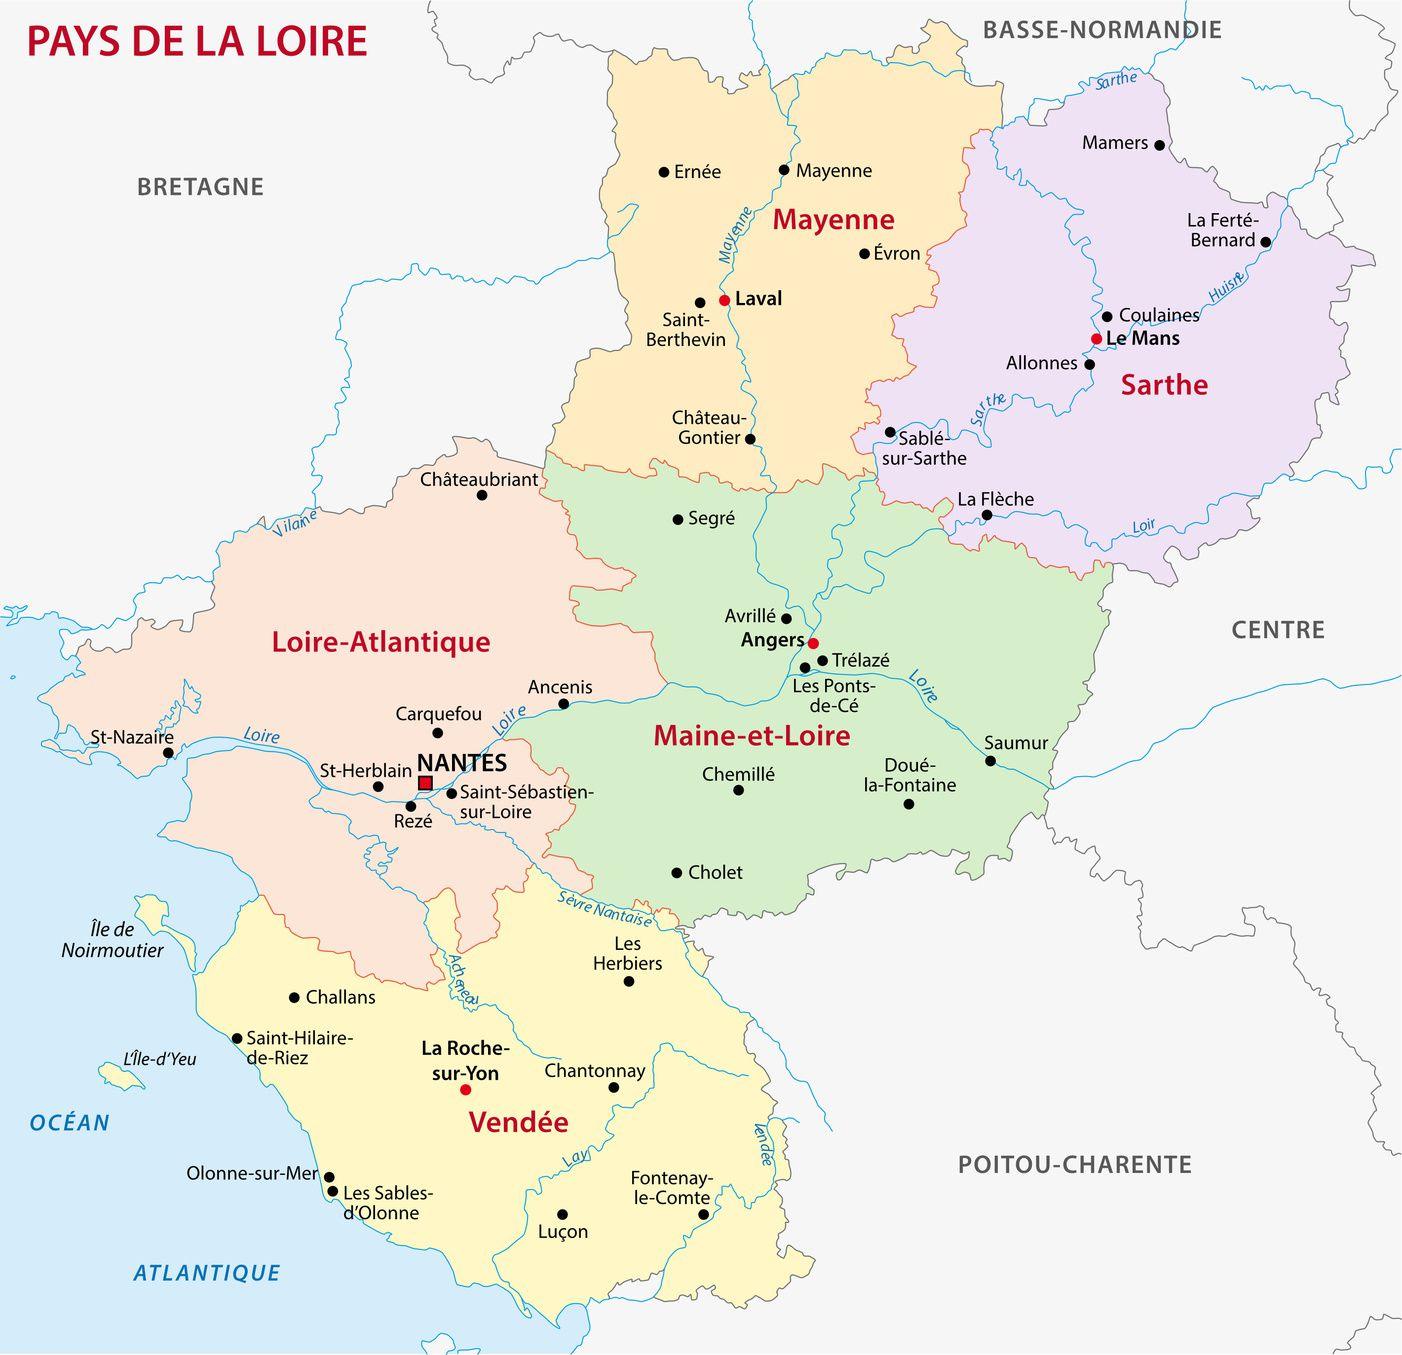 Carte Des Pays De La Loire - Pays De La Loire Carte Des concernant Carte Des Régions De France À Imprimer